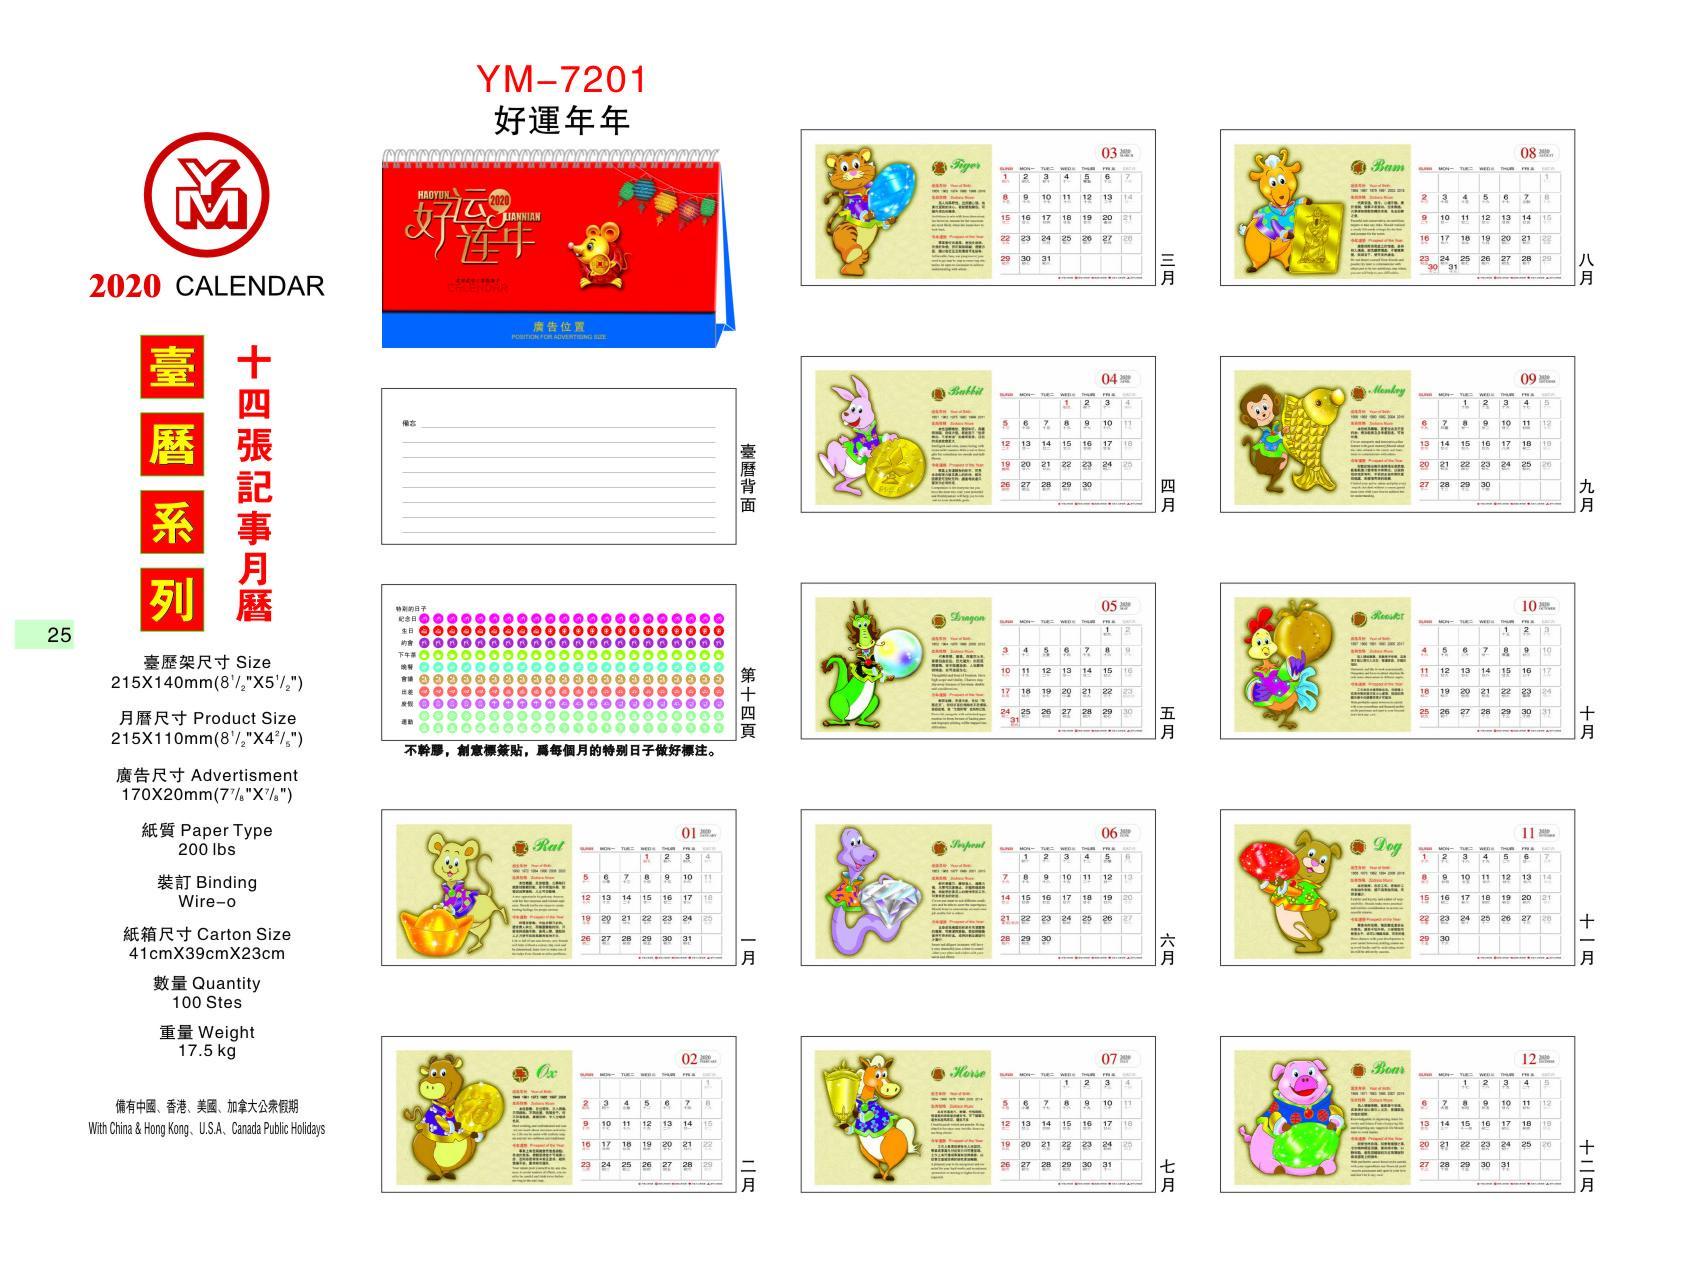 2020 YM-13張台曆